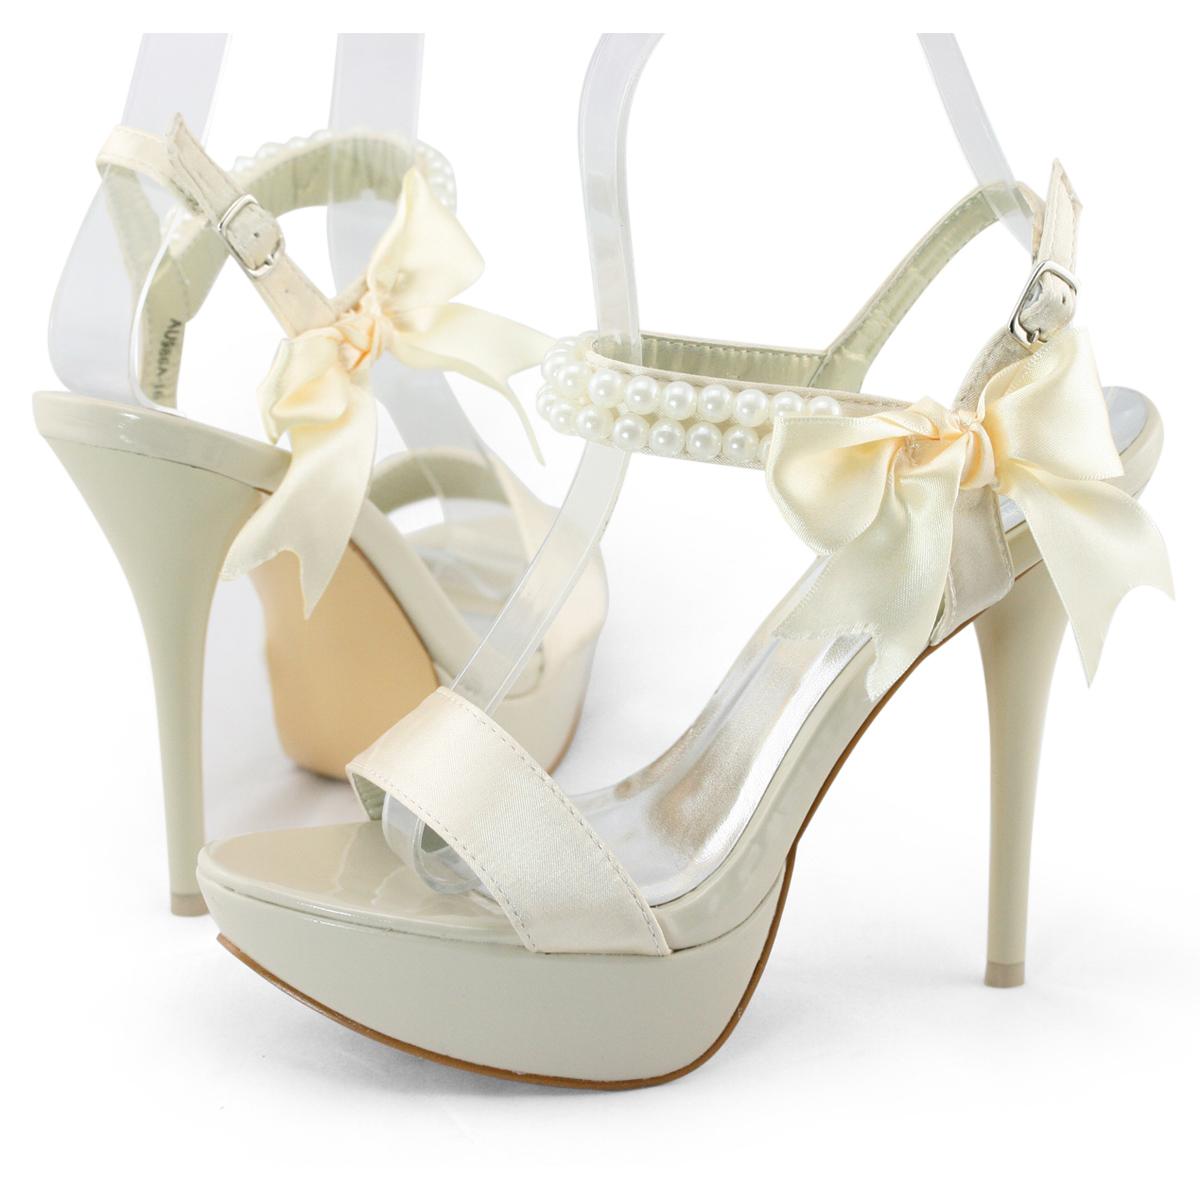 shoezy womens satin peep toes wedding evening dress high